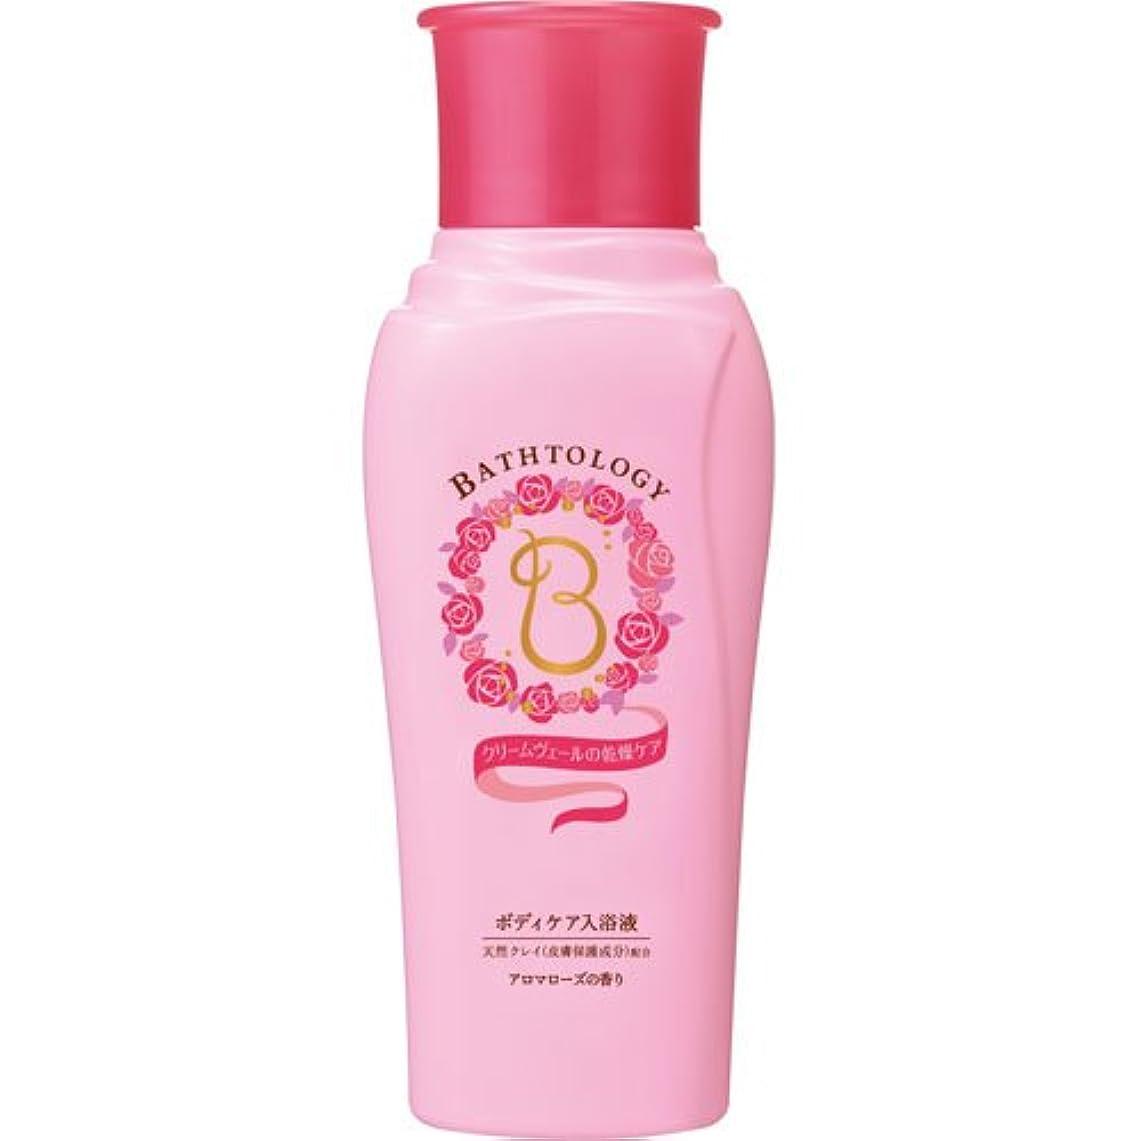 有限マナー熱意BATHTOLOGY ボディケア入浴液 アロマローズの香り 本体 450mL